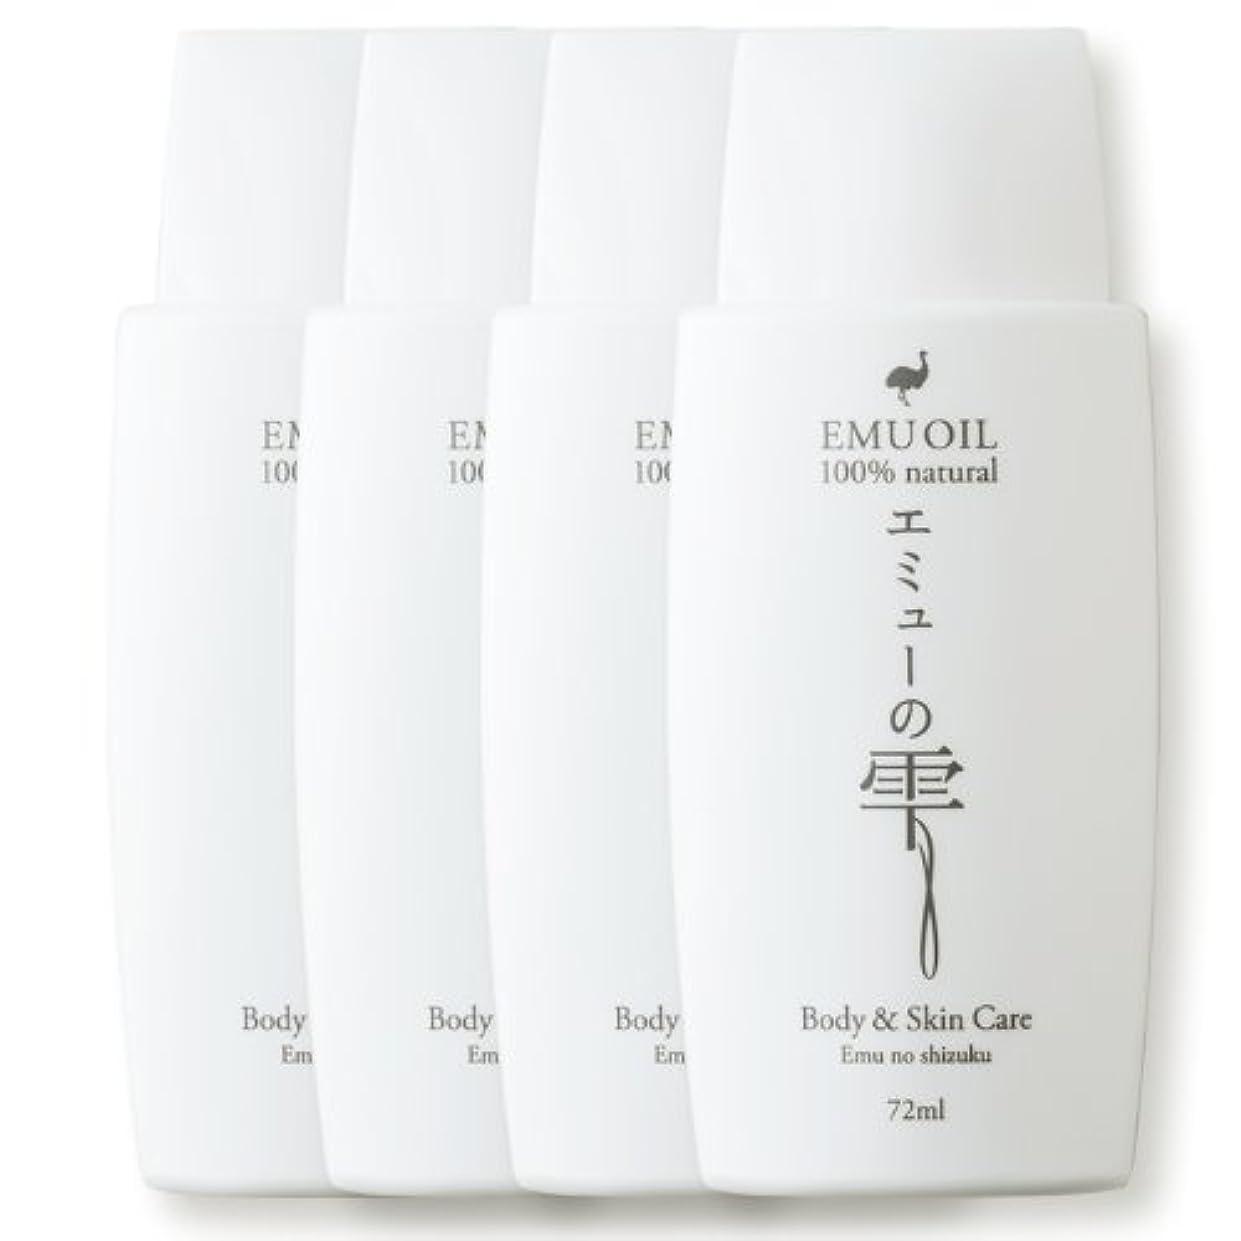 エミューの雫 72ml 【無添加100%、高品質エミューオイル(エミュー油)】 (4本セット)